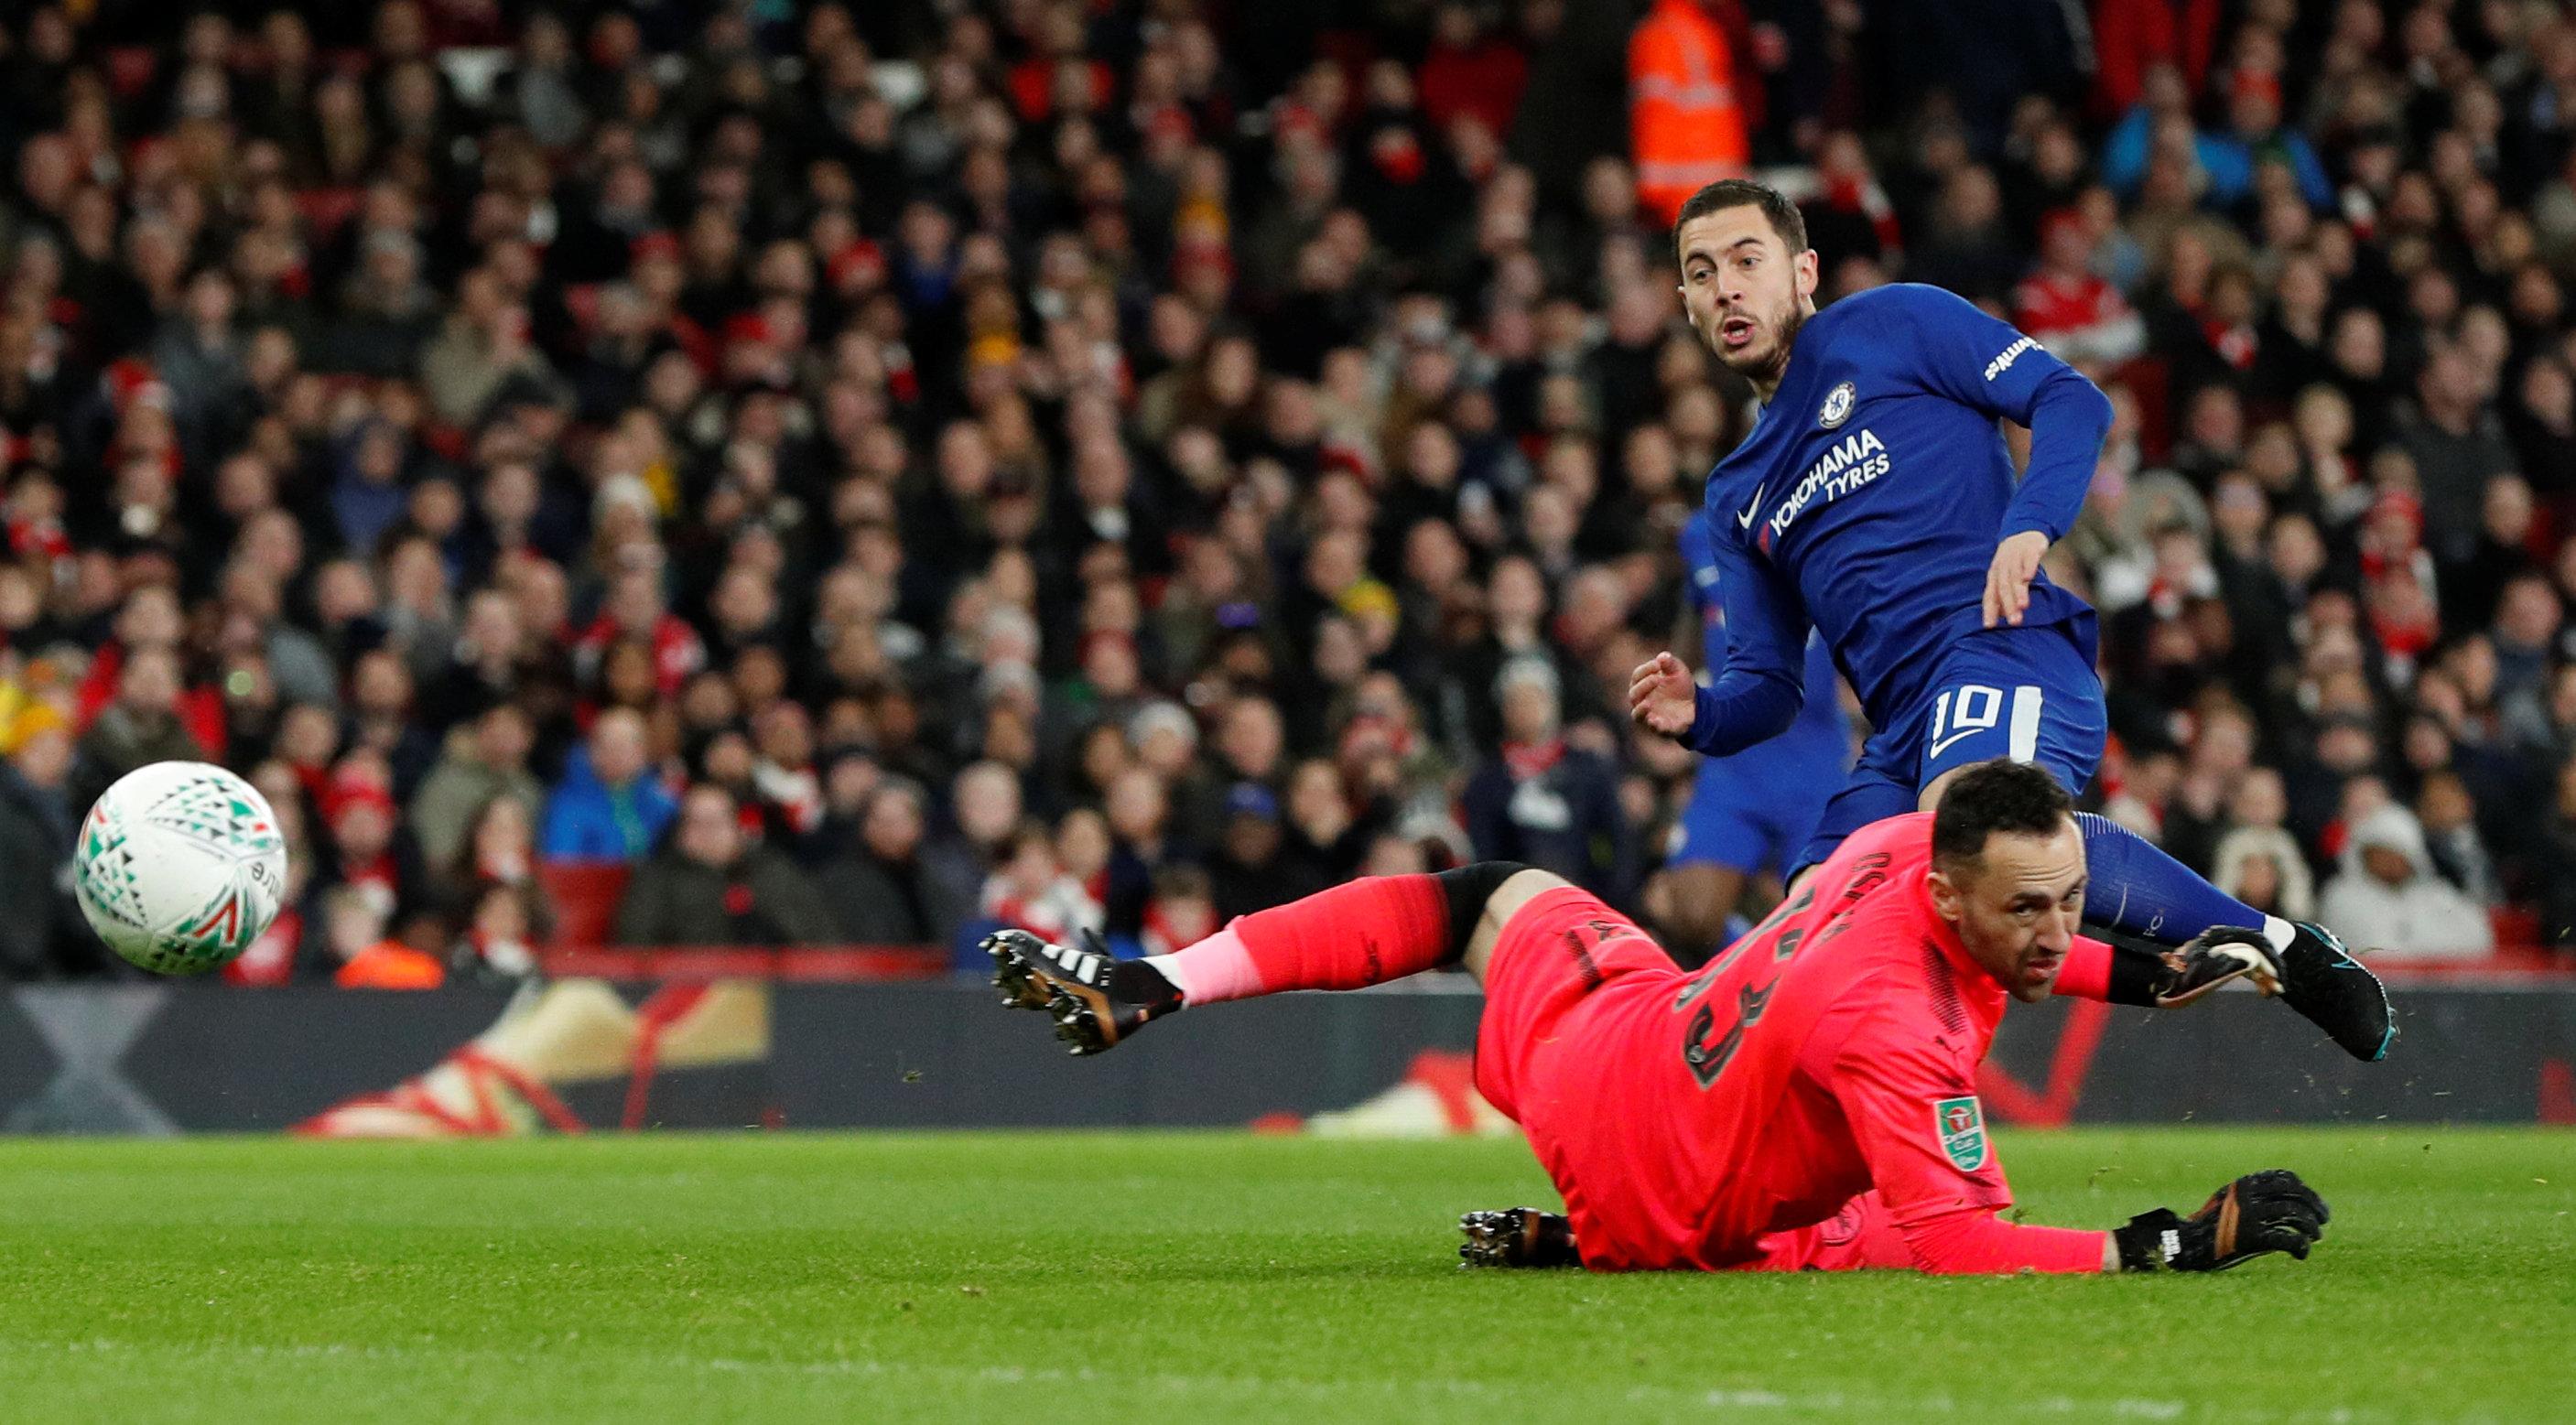 Pha dứt điểm mở tỉ số cho Chelsea của Hazard. Ảnh: REUTERS